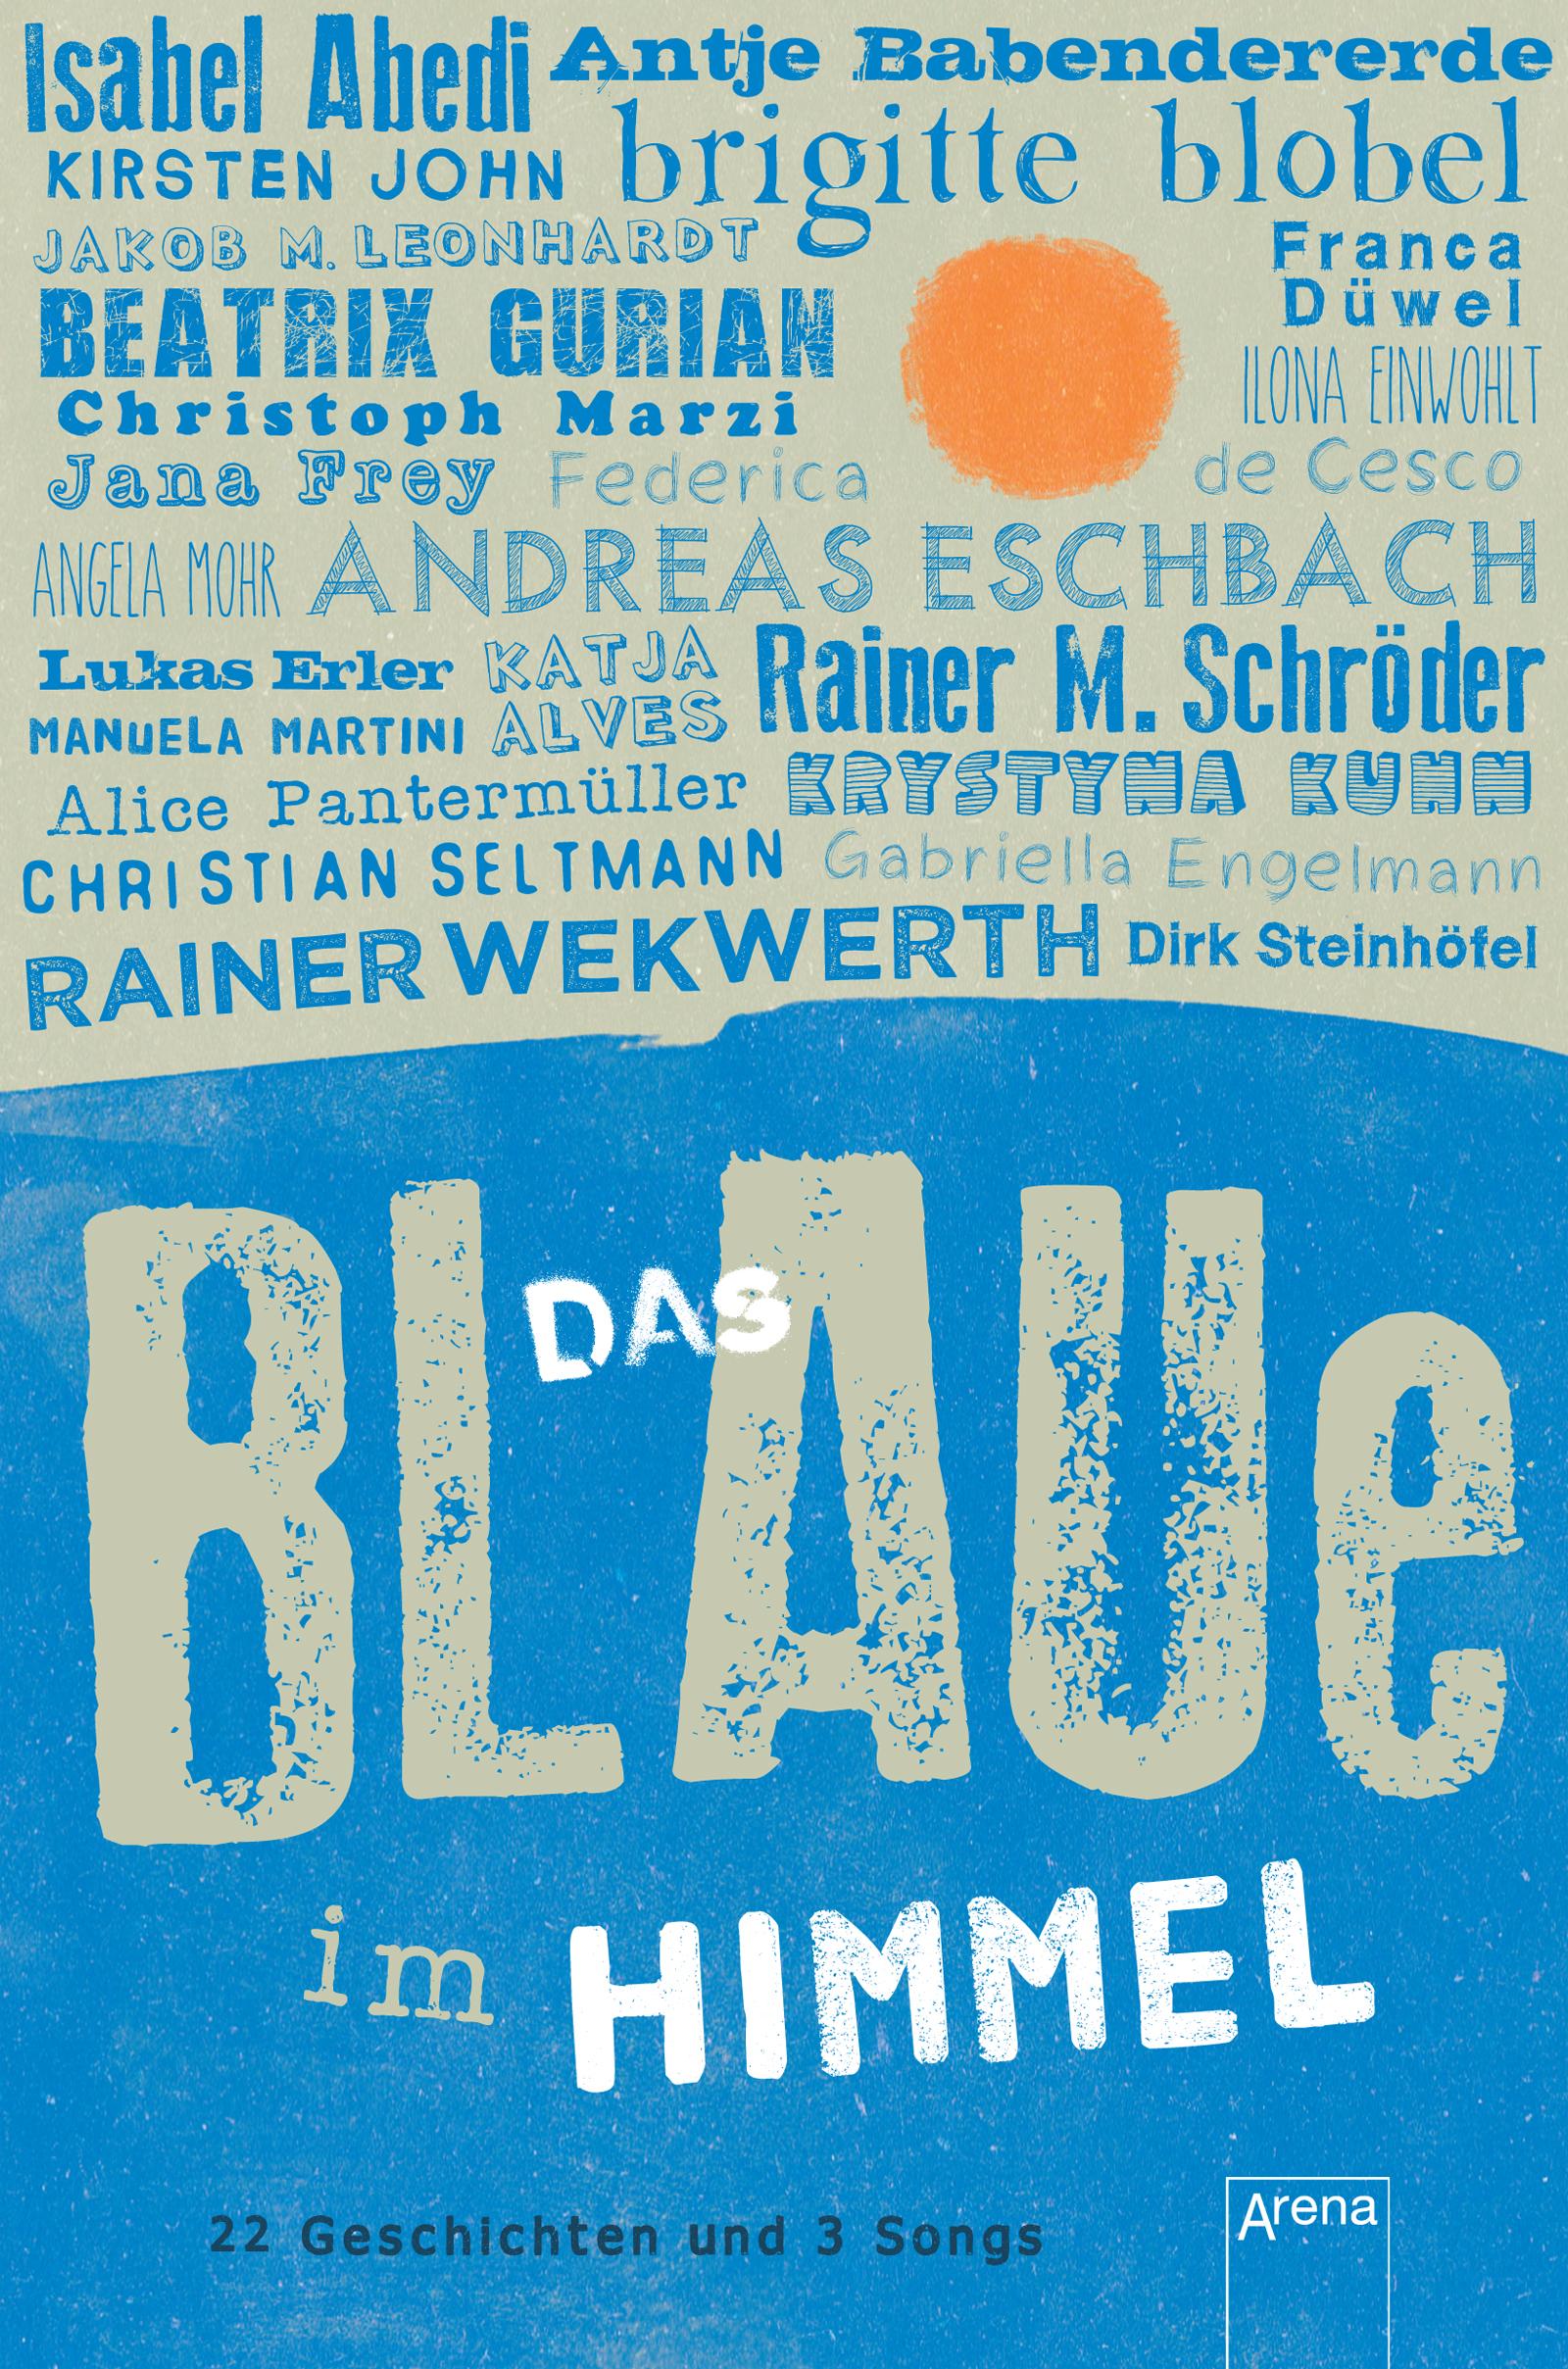 Das Blaue im Himmel | ARENA Verlag